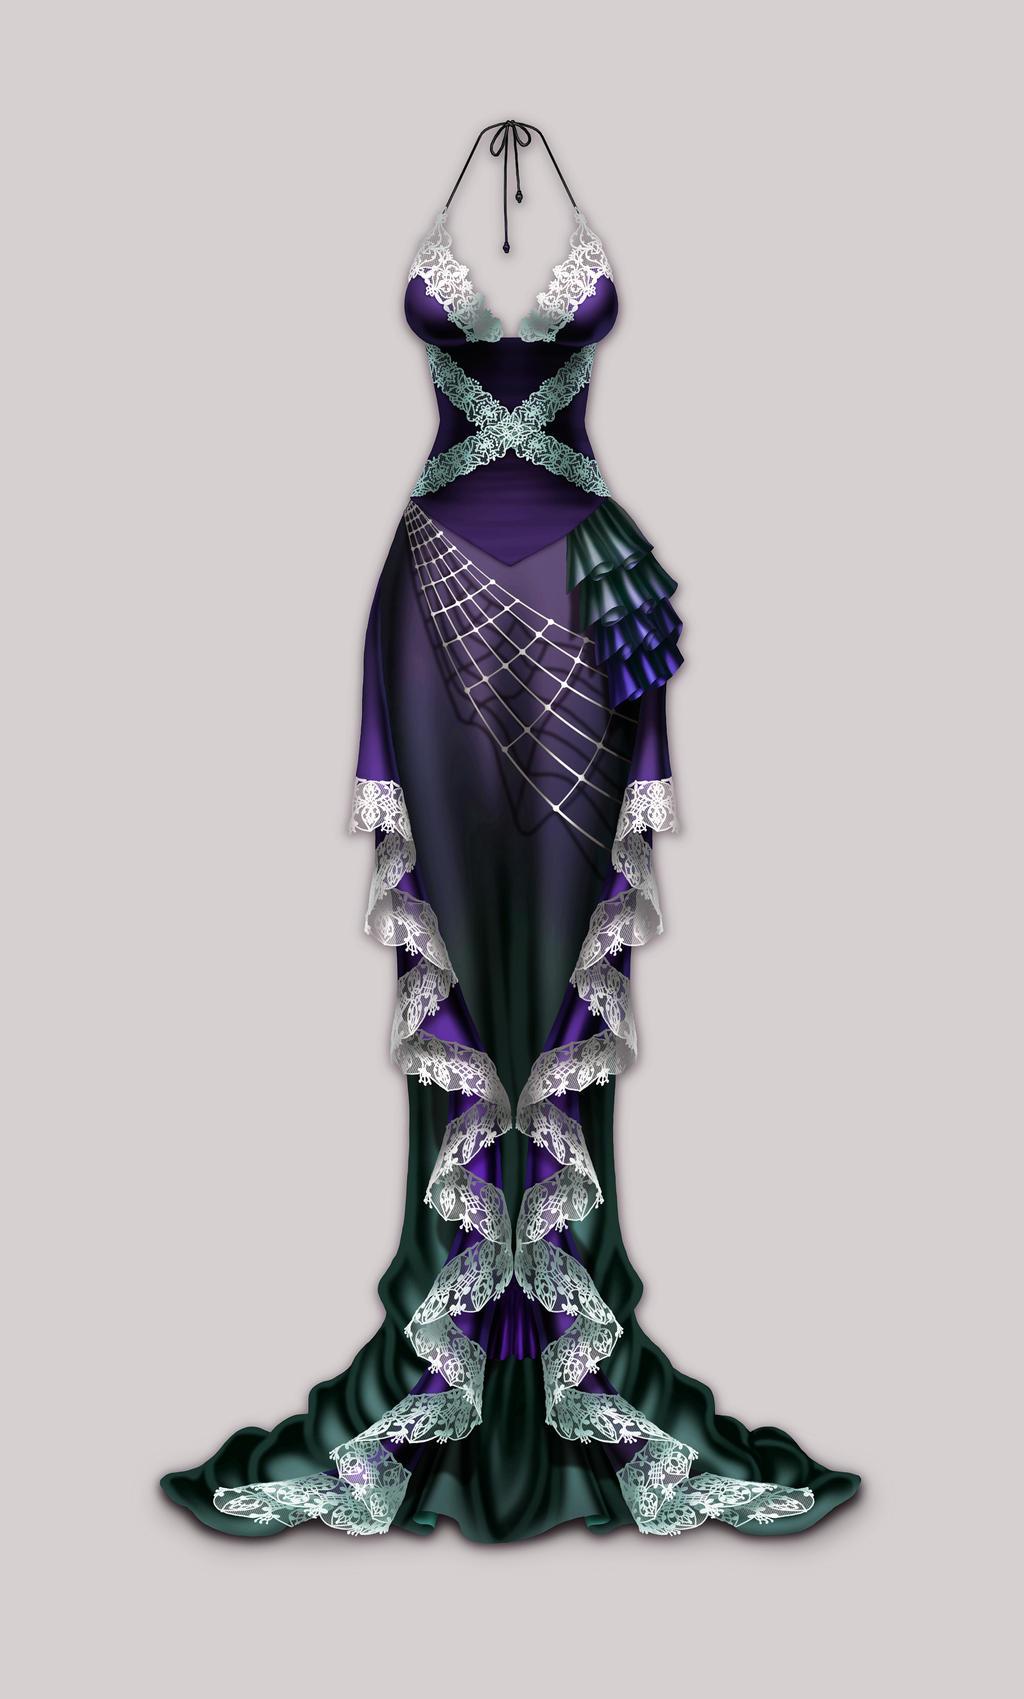 Anima Arachne Dress By Wen M On DeviantArt